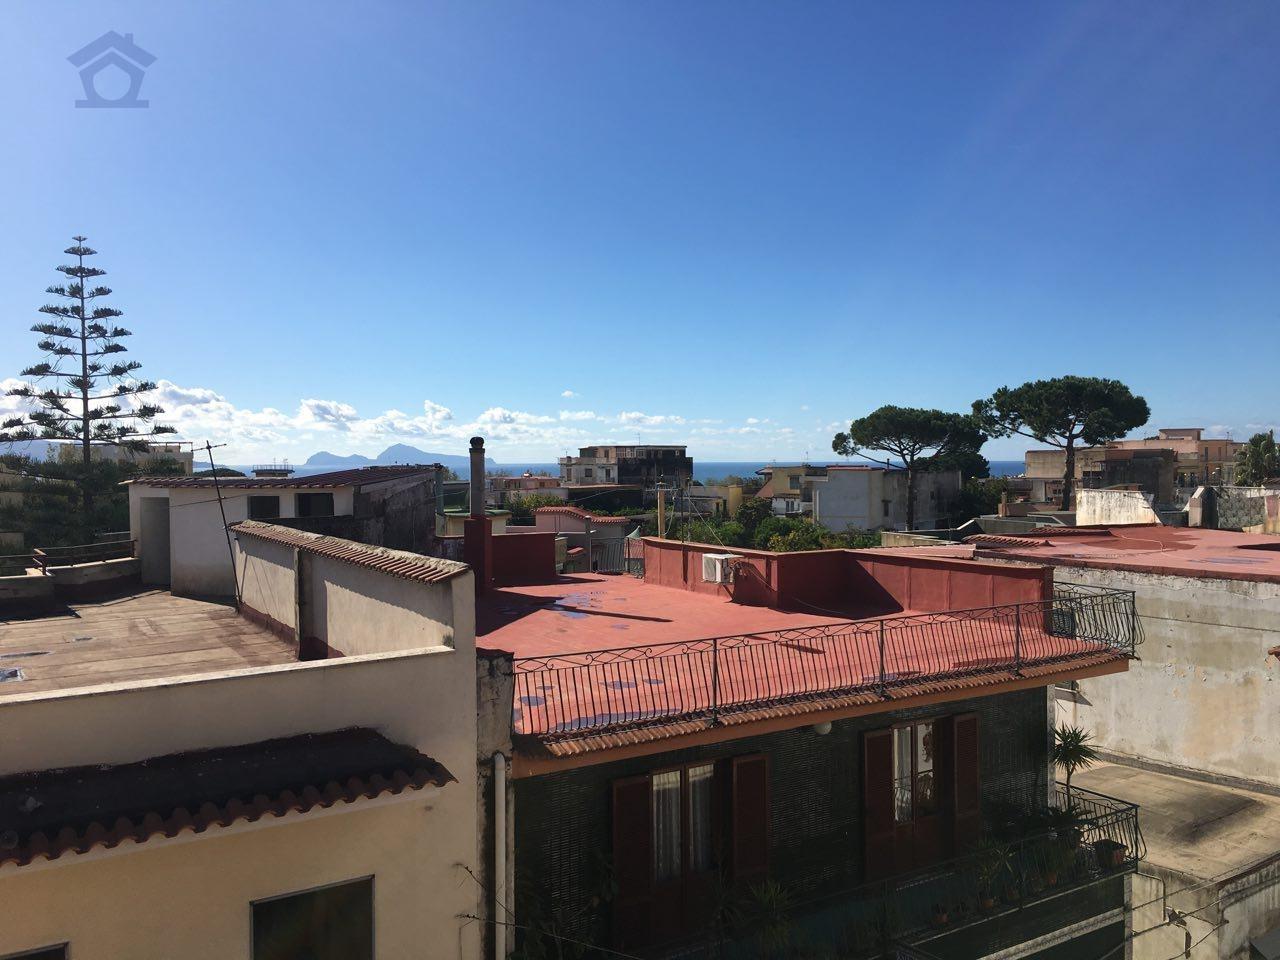 Appartamento in vendita a Trecase, 2 locali, zona Località: trecase, prezzo € 75.000 | CambioCasa.it